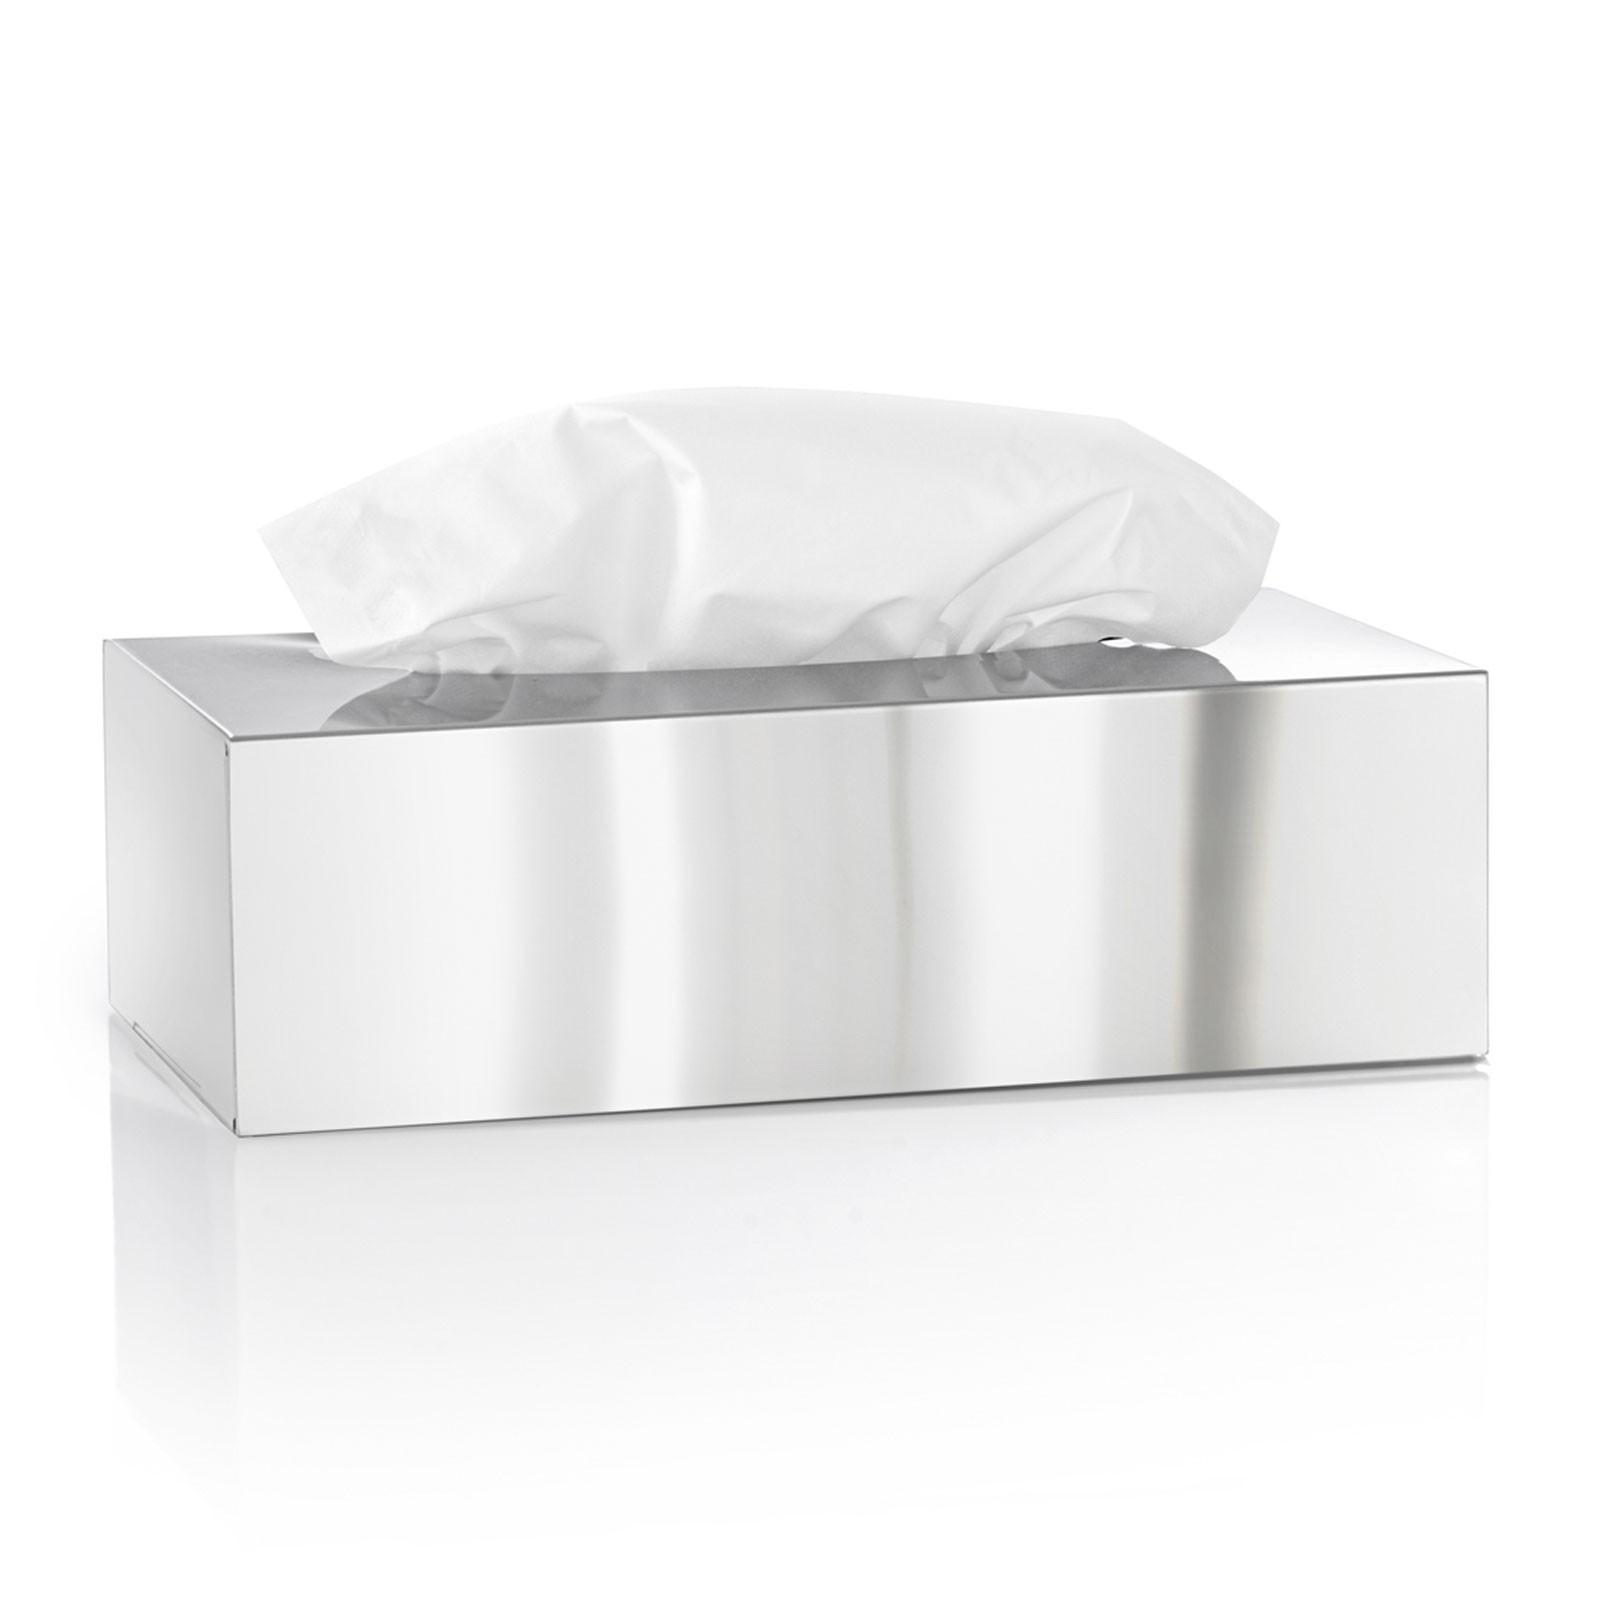 Kosmetiktuchbox Edelstahl poliert blomus NEXIO